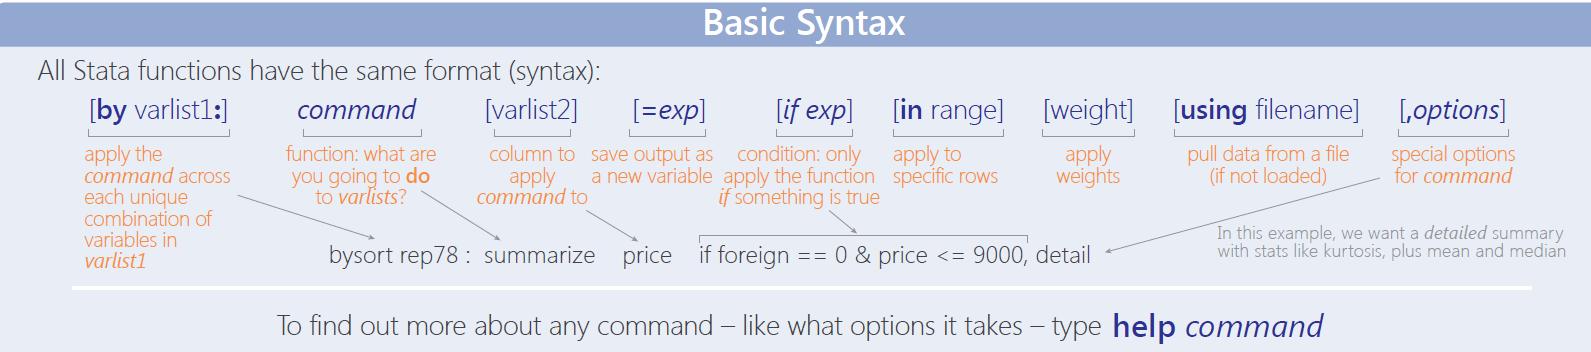 图1-4:Stata命令语法结构